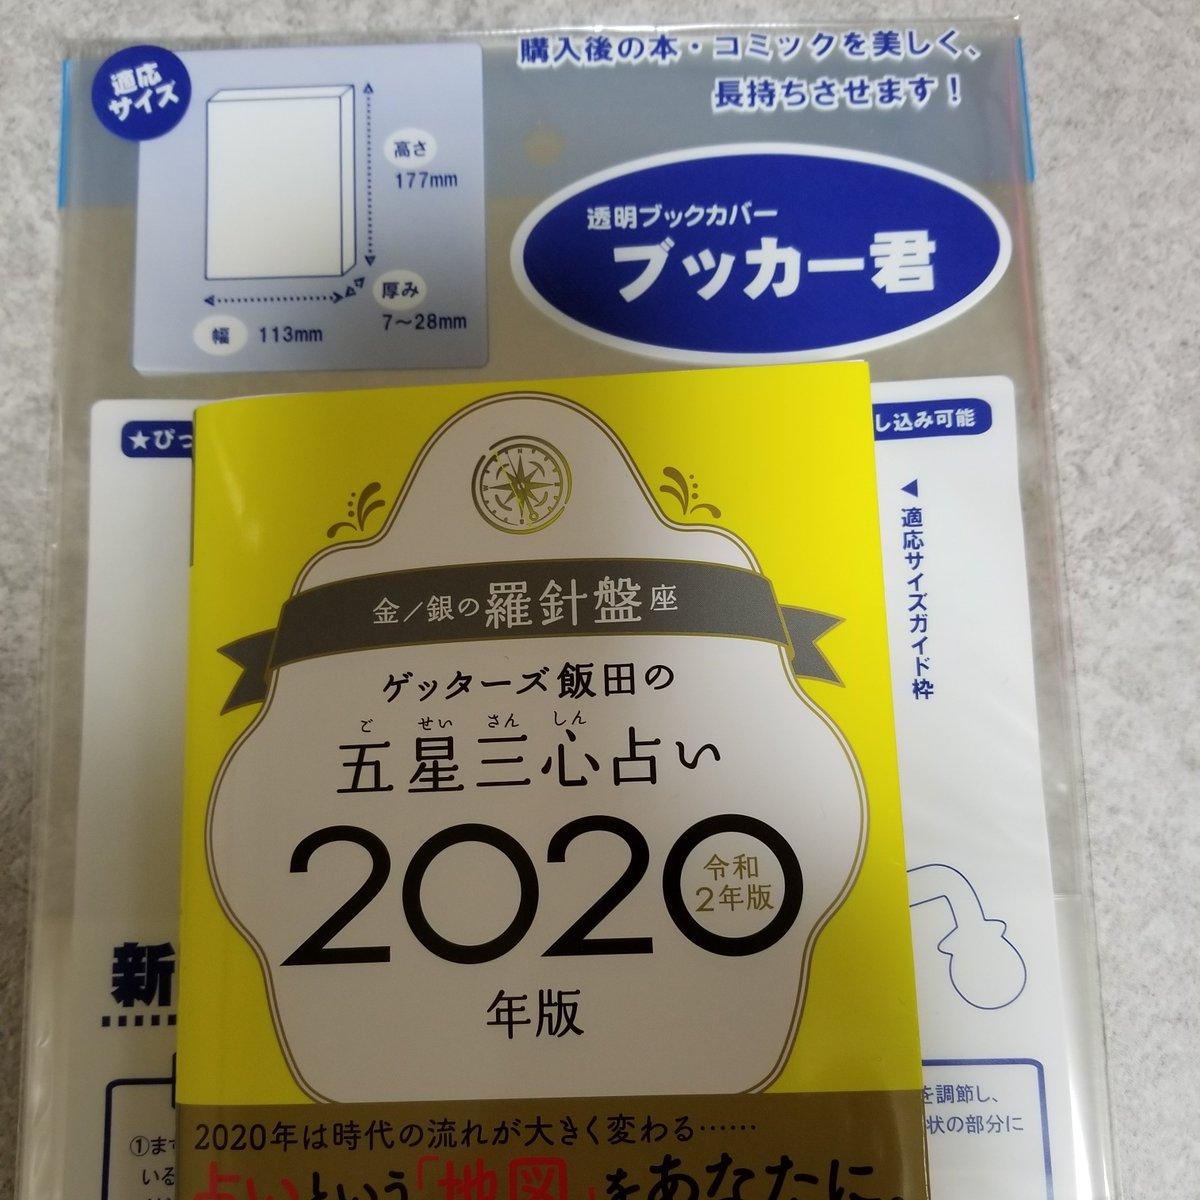 羅針盤 銀 ゲッターズ 2020 飯田 の